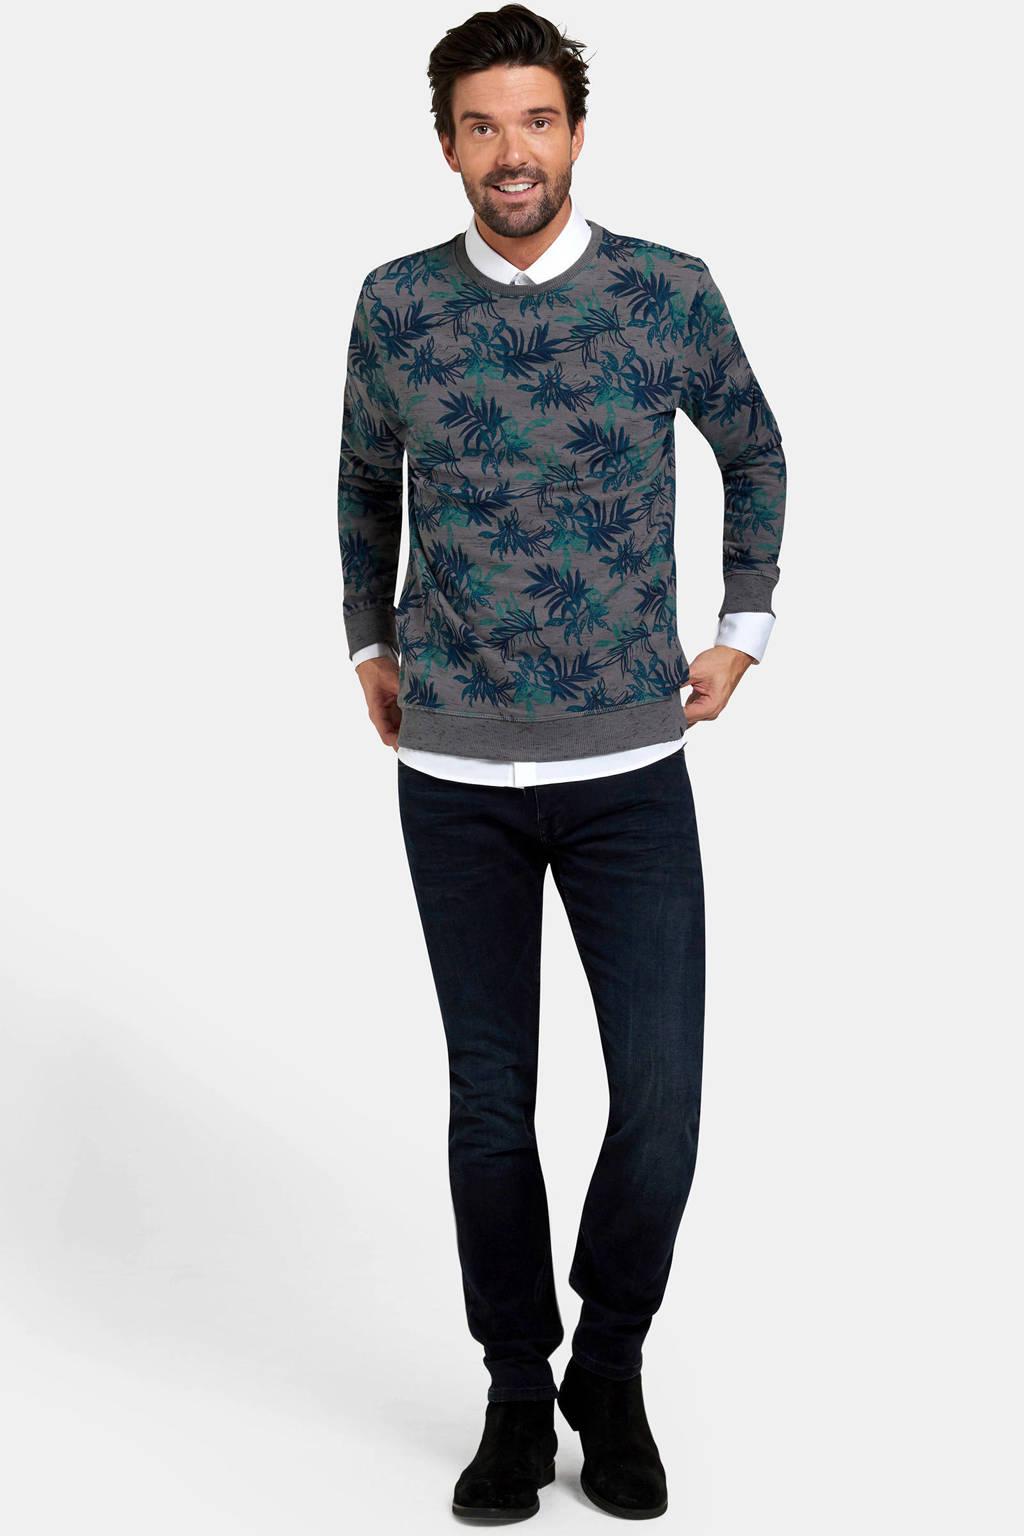 Refill sweater met all over print grijsblauw/blauw, Grijsblauw/blauw